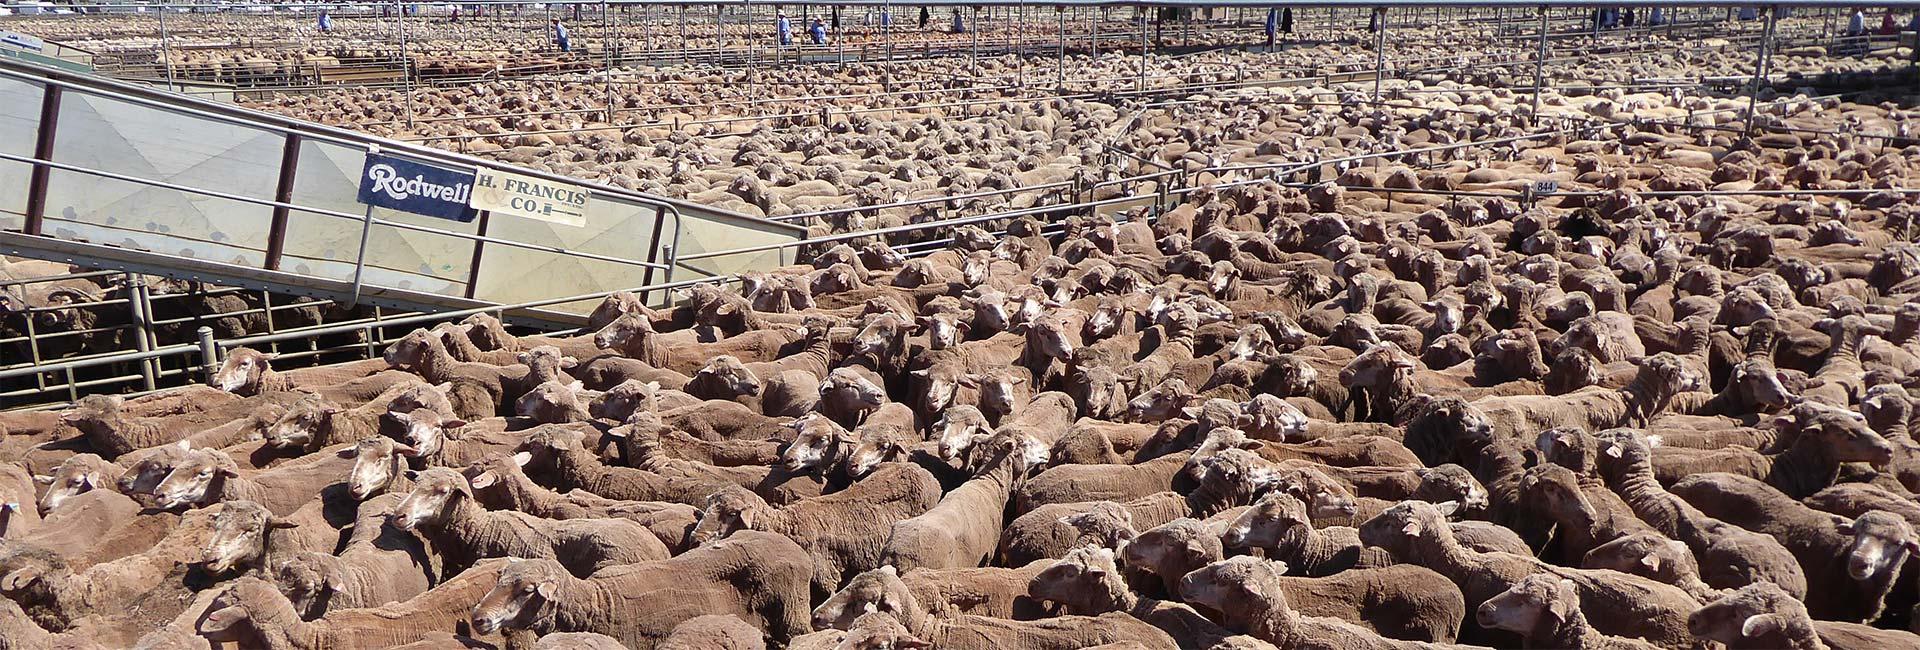 Tausende Schafe auf einem Saleyard in Australien